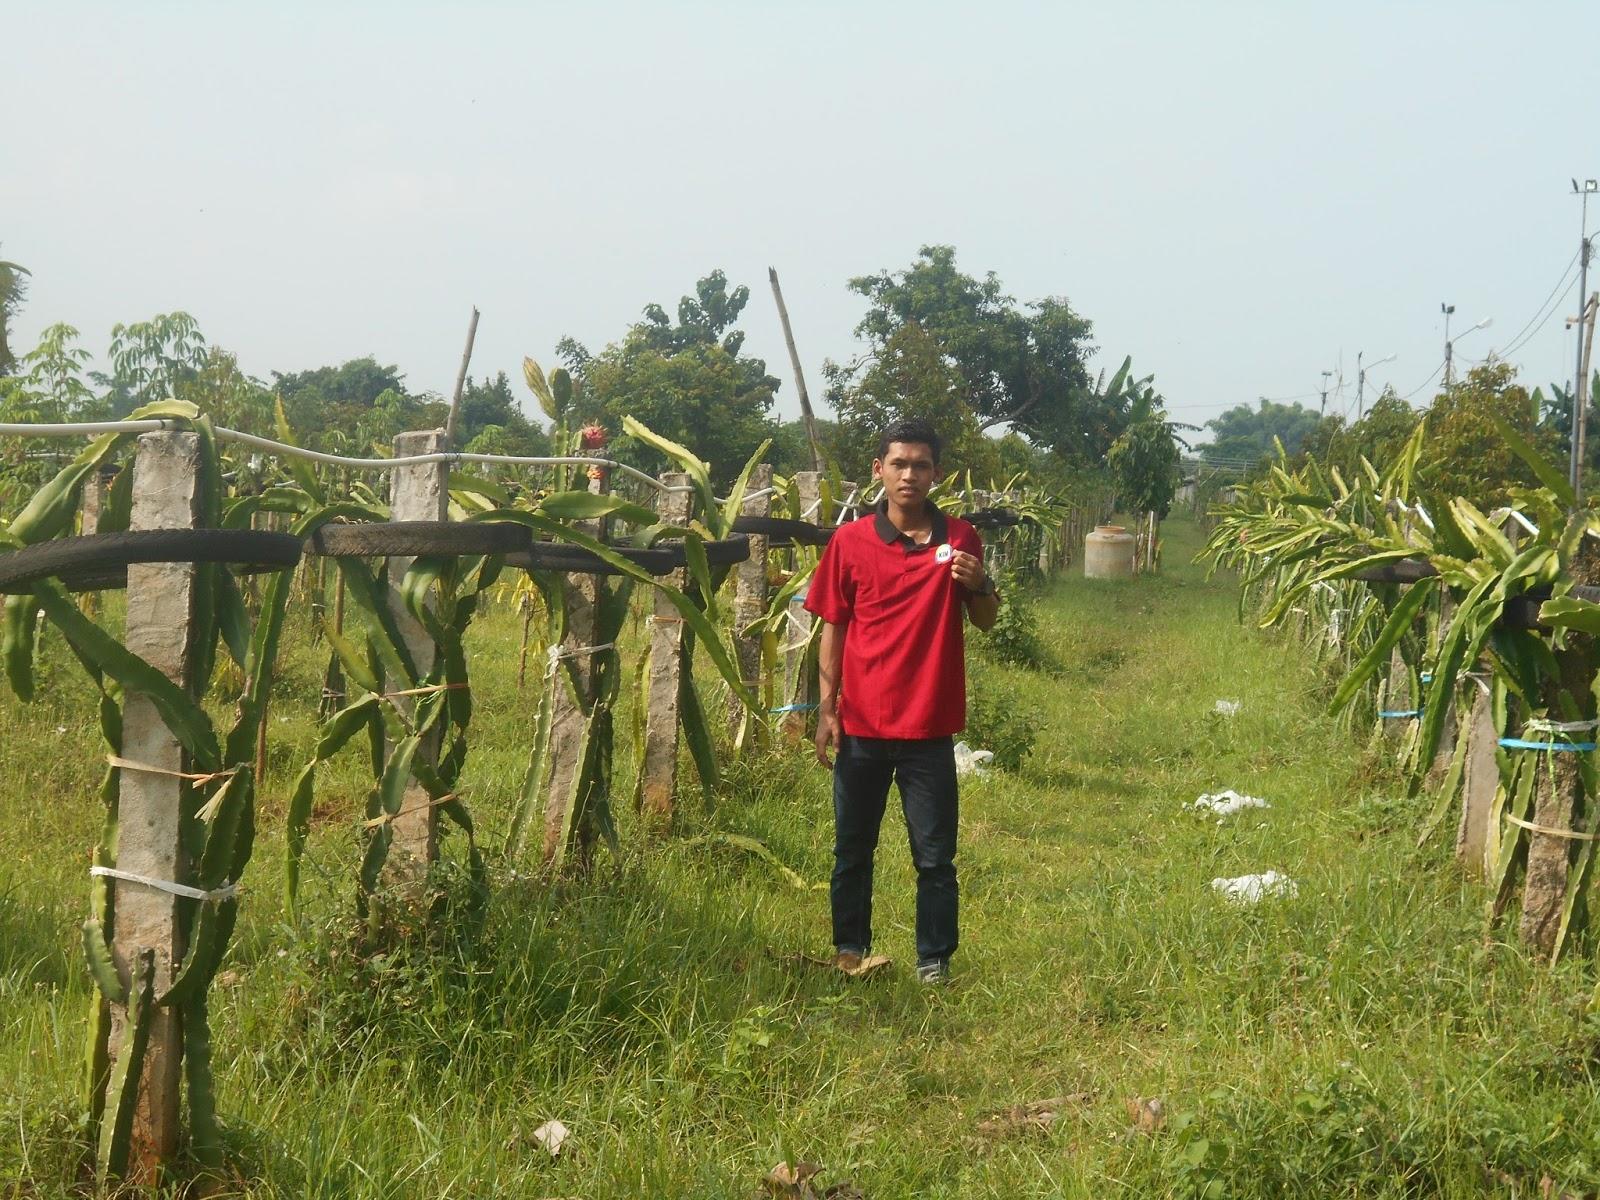 2017 Kim Harapan Bersama News Desa Kebonagung Ujungpangkah Gresik Terkenal